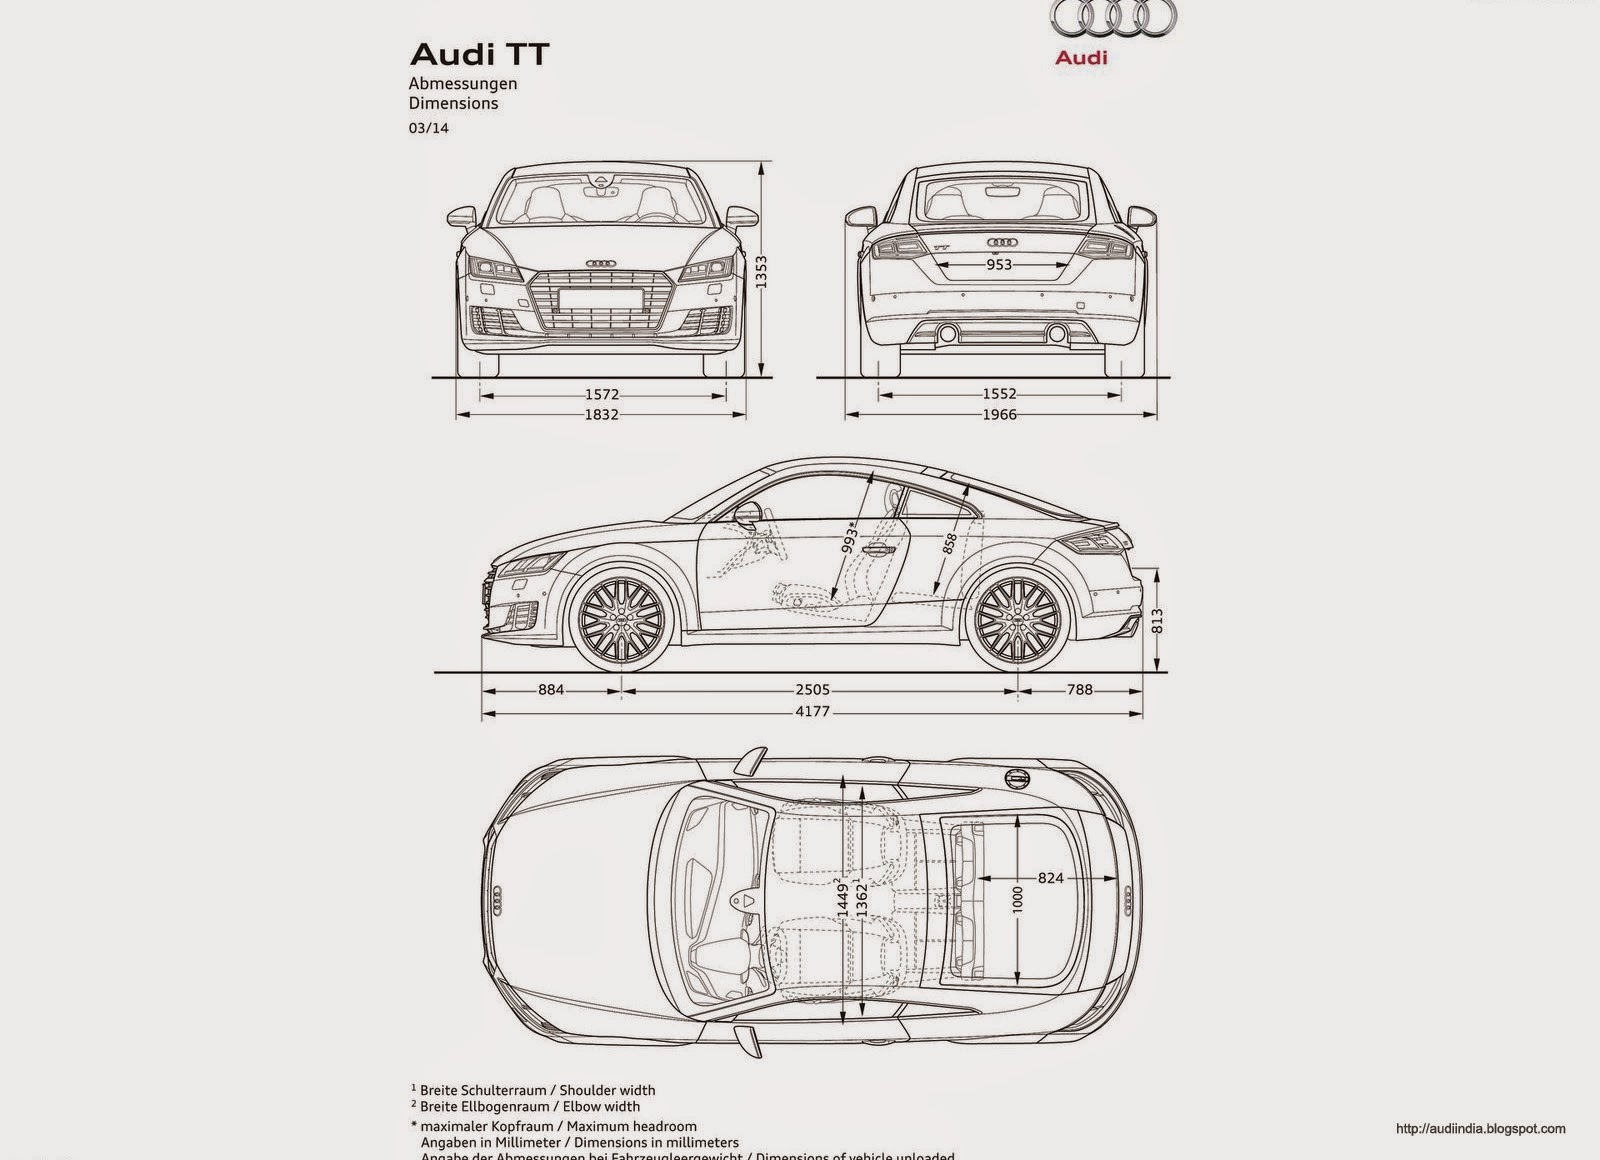 The World Of Audi Tt